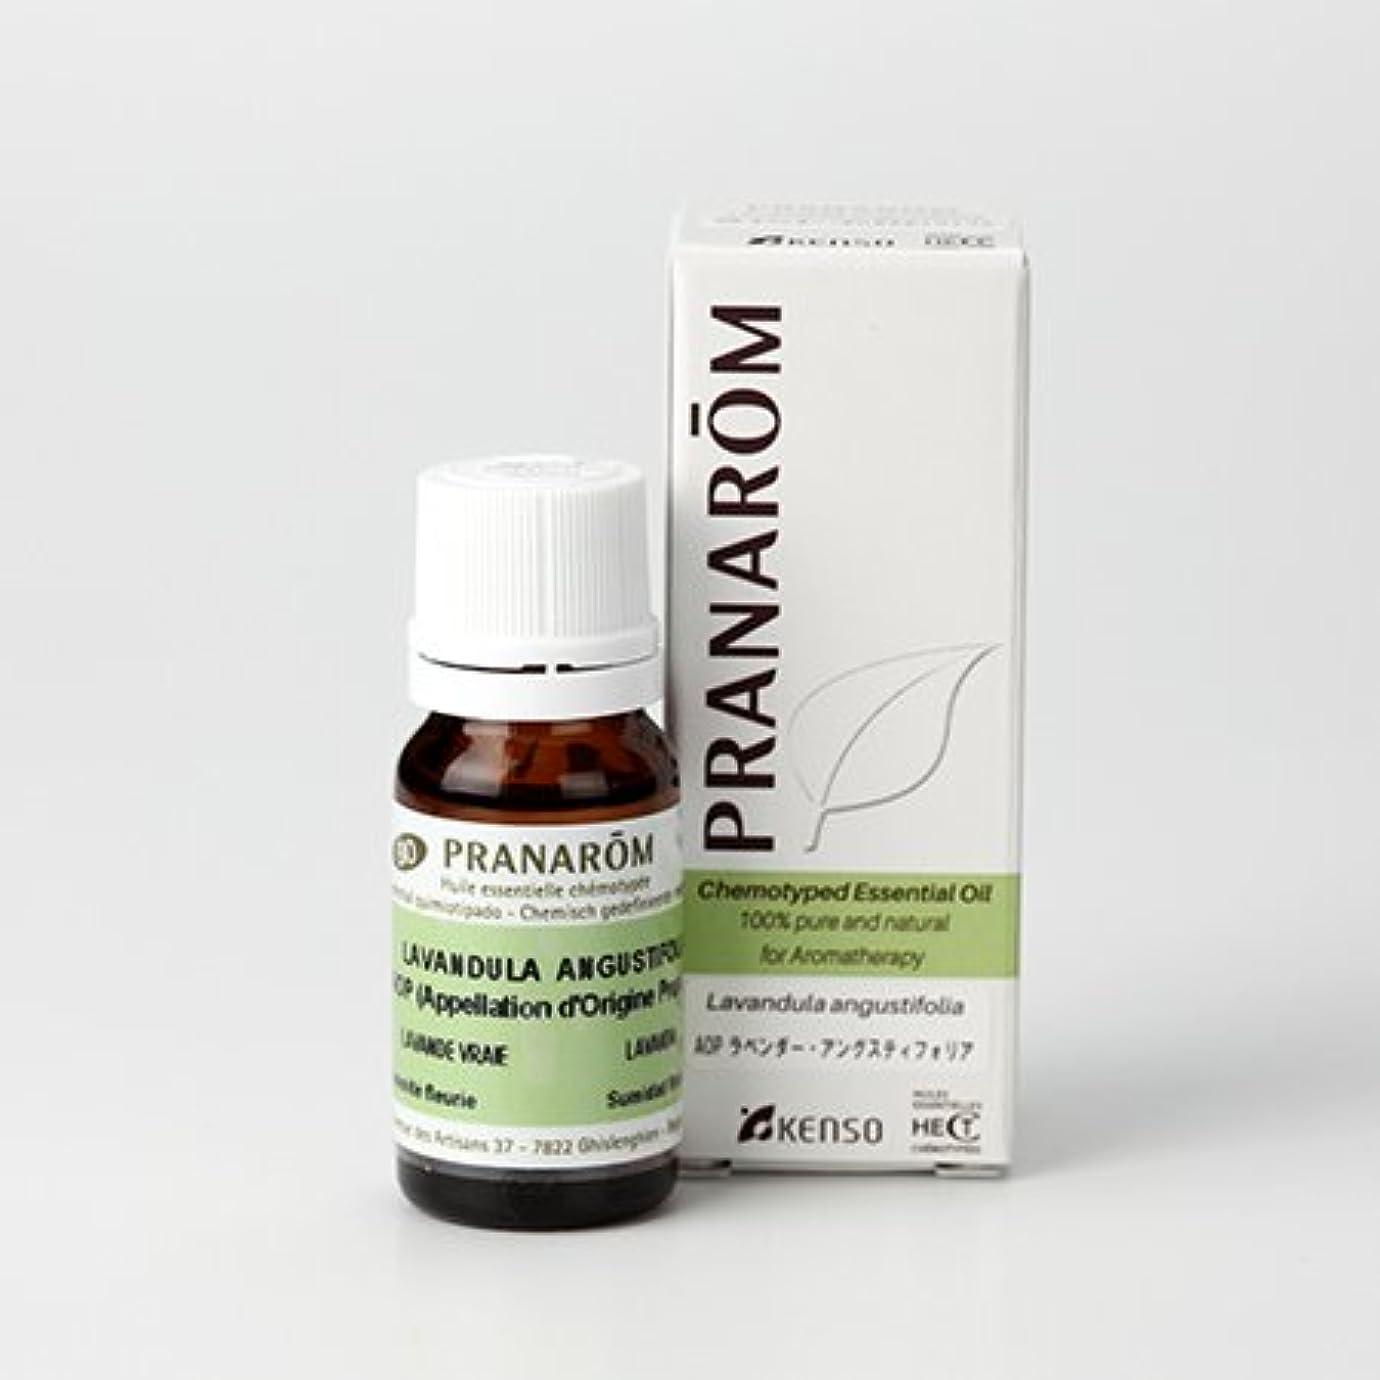 信頼性免除する対処するプラナロム AOP ラベンダーアングスティオフォリア 10ml